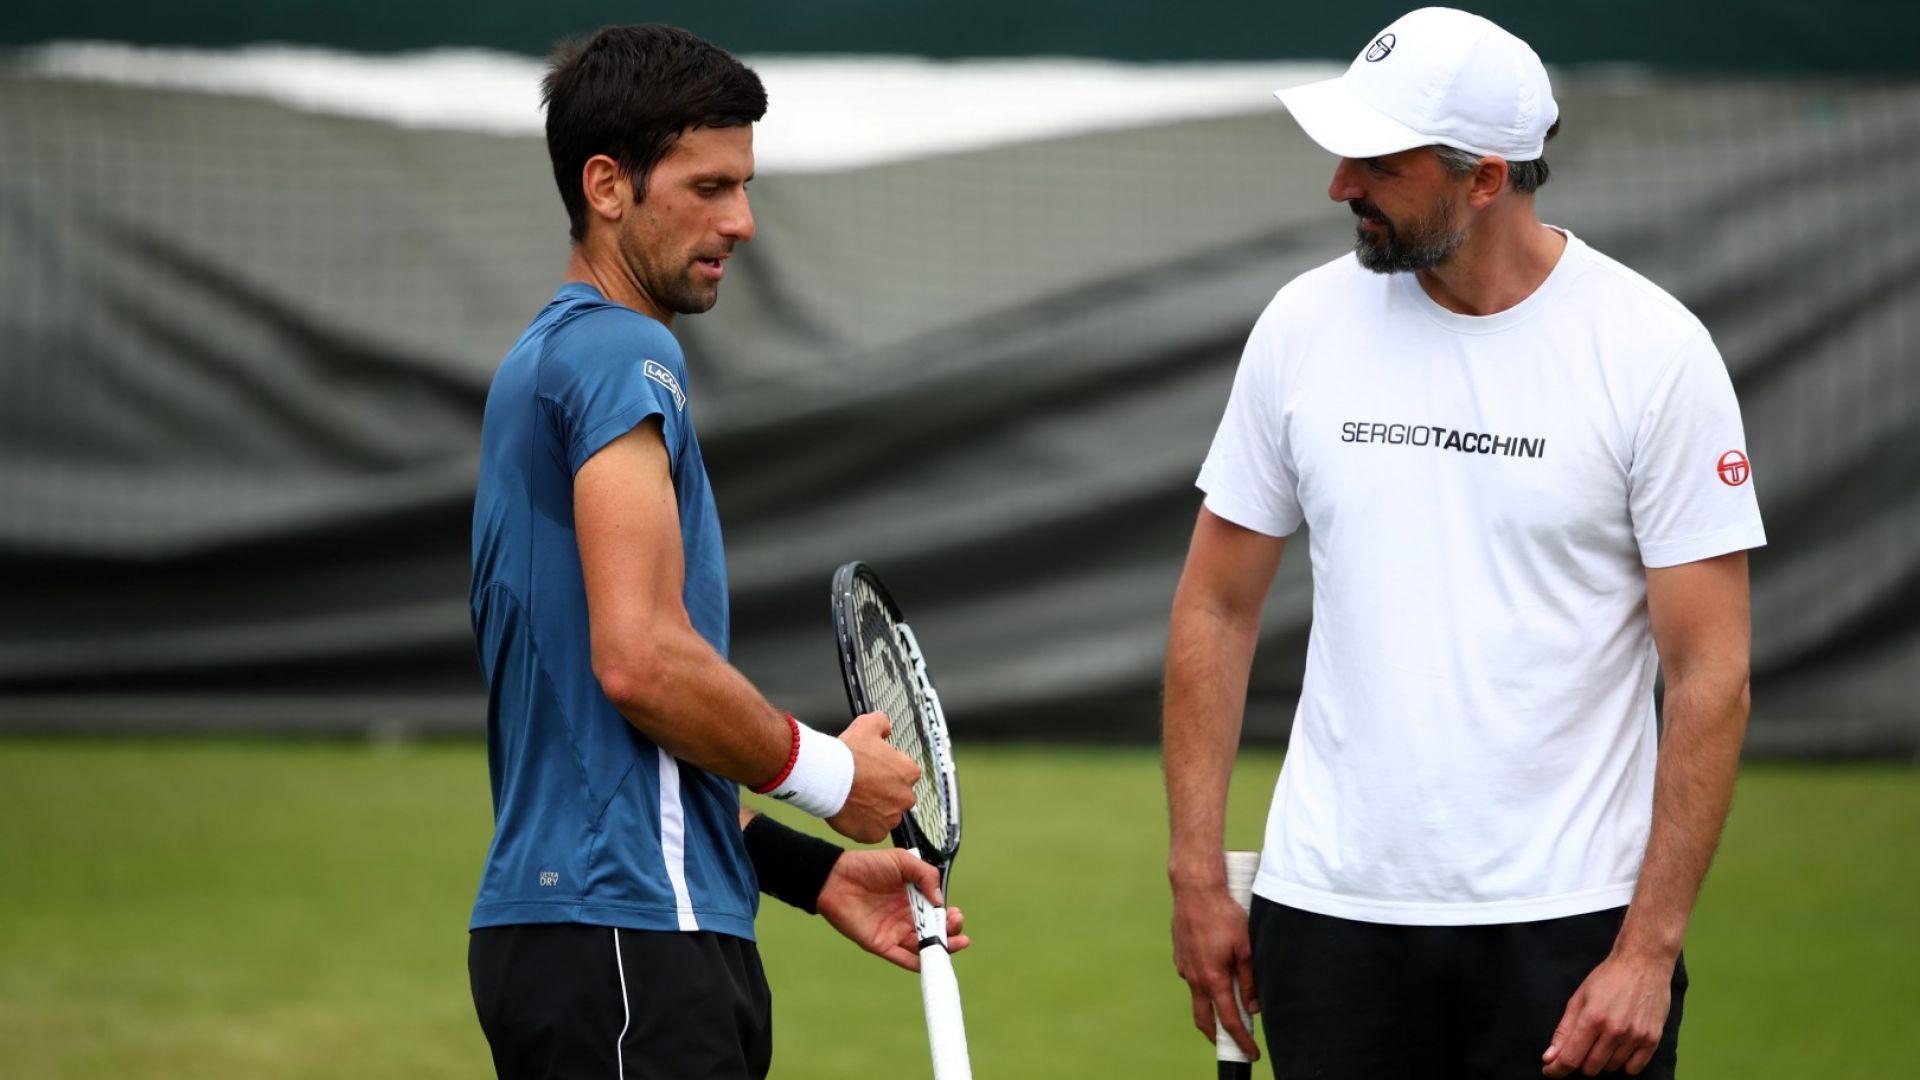 Иванишевич: Кой е най-великият в тениса? Дебатът приключи!